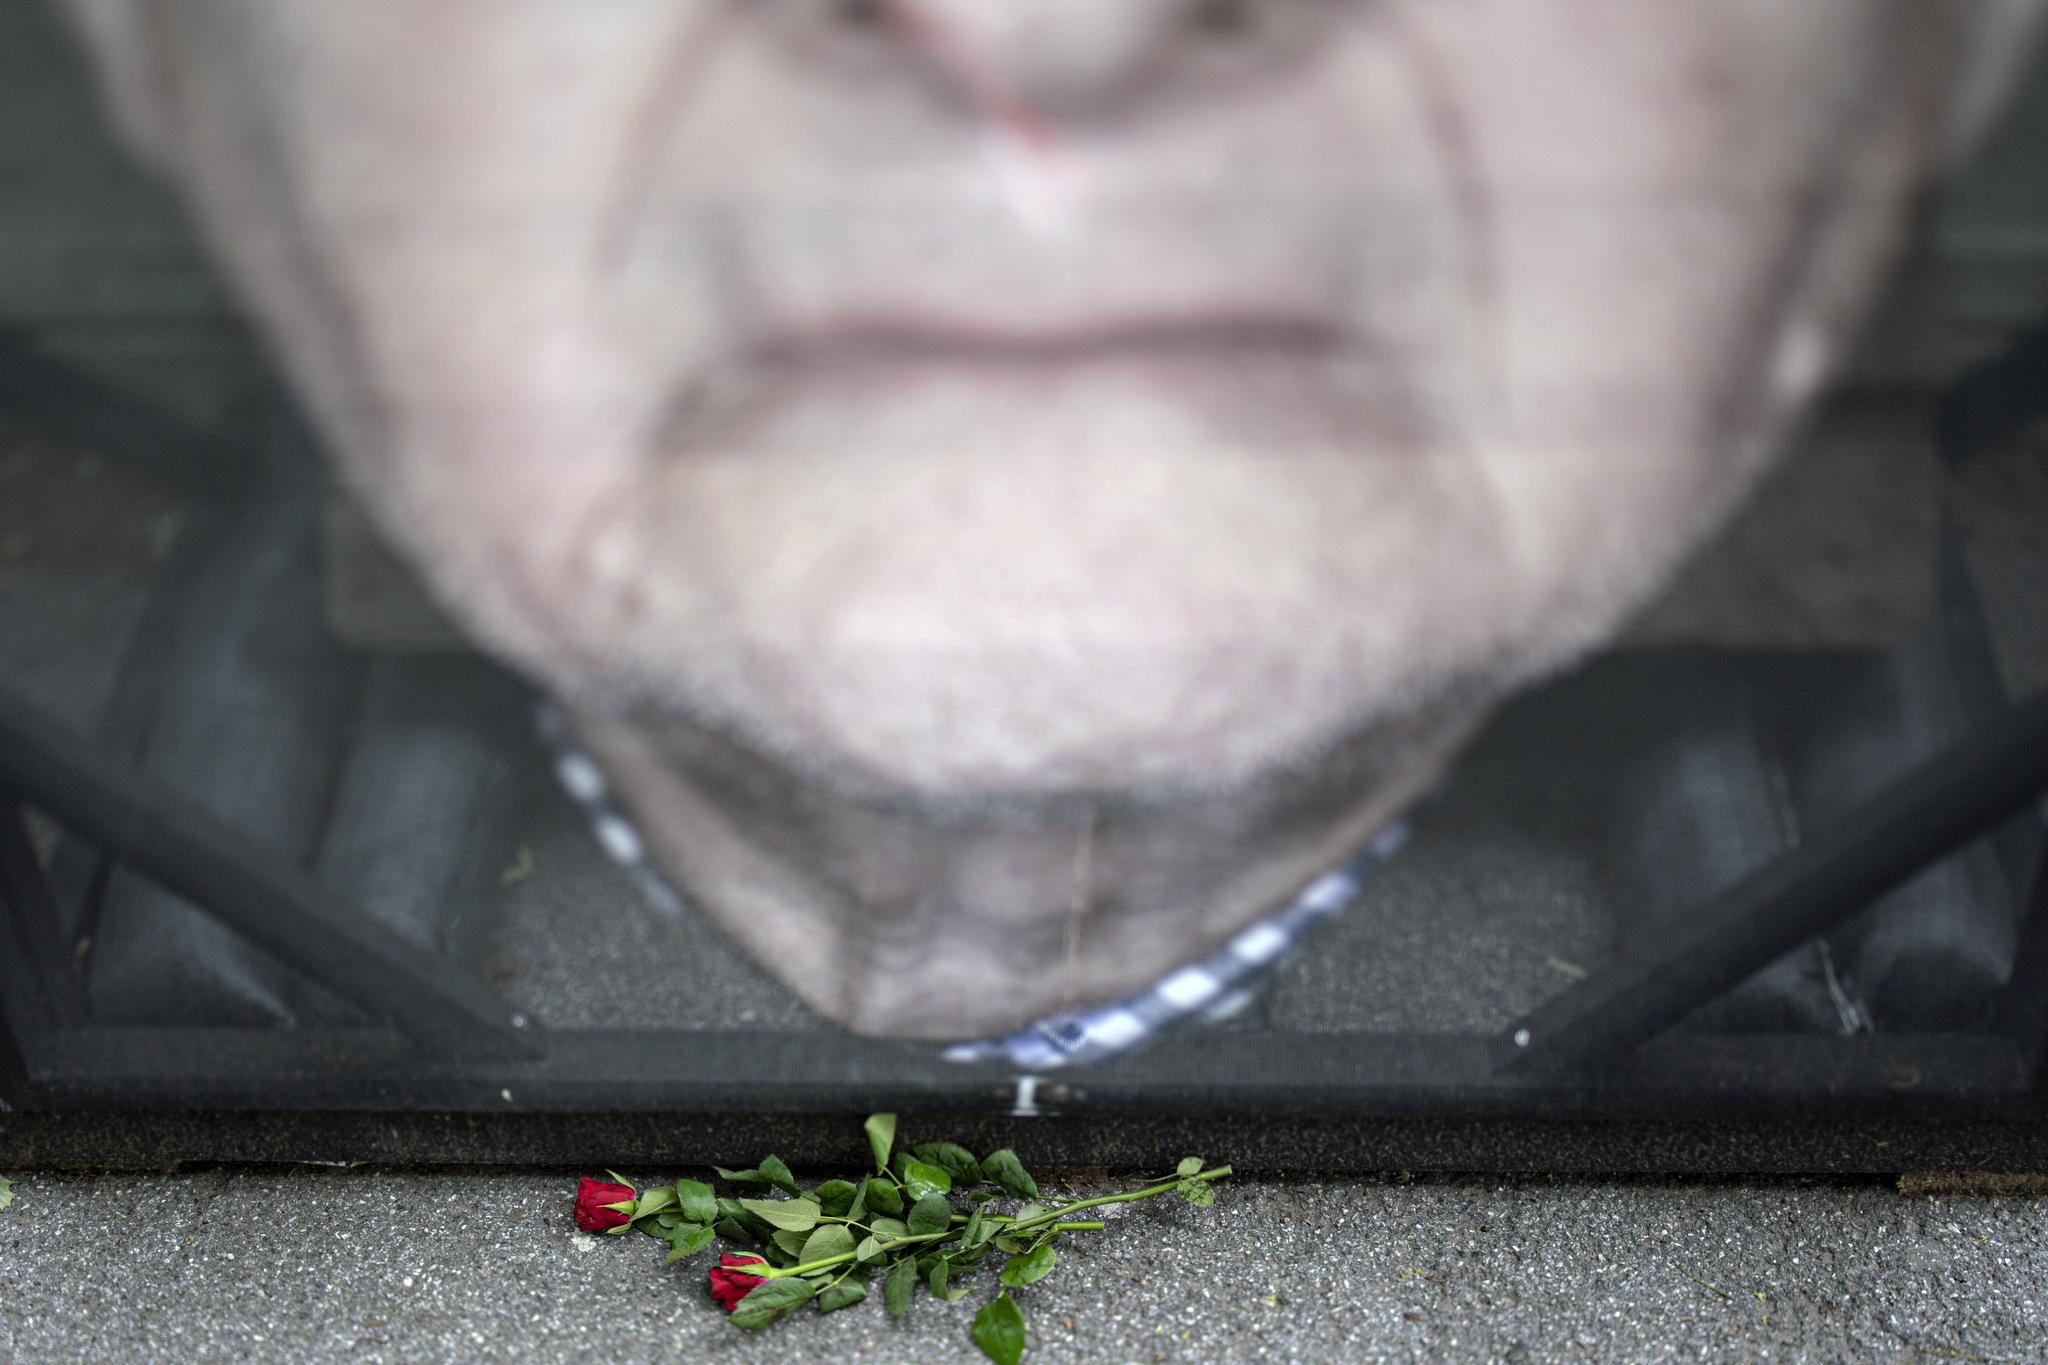 27일(현지시간) 훼손된 초상화 앞에 홀로코스트 생존자의 마음을 위로하듯이 누군가가 두고간 장미꽃이 놓여있다. [EPA=연합뉴스]